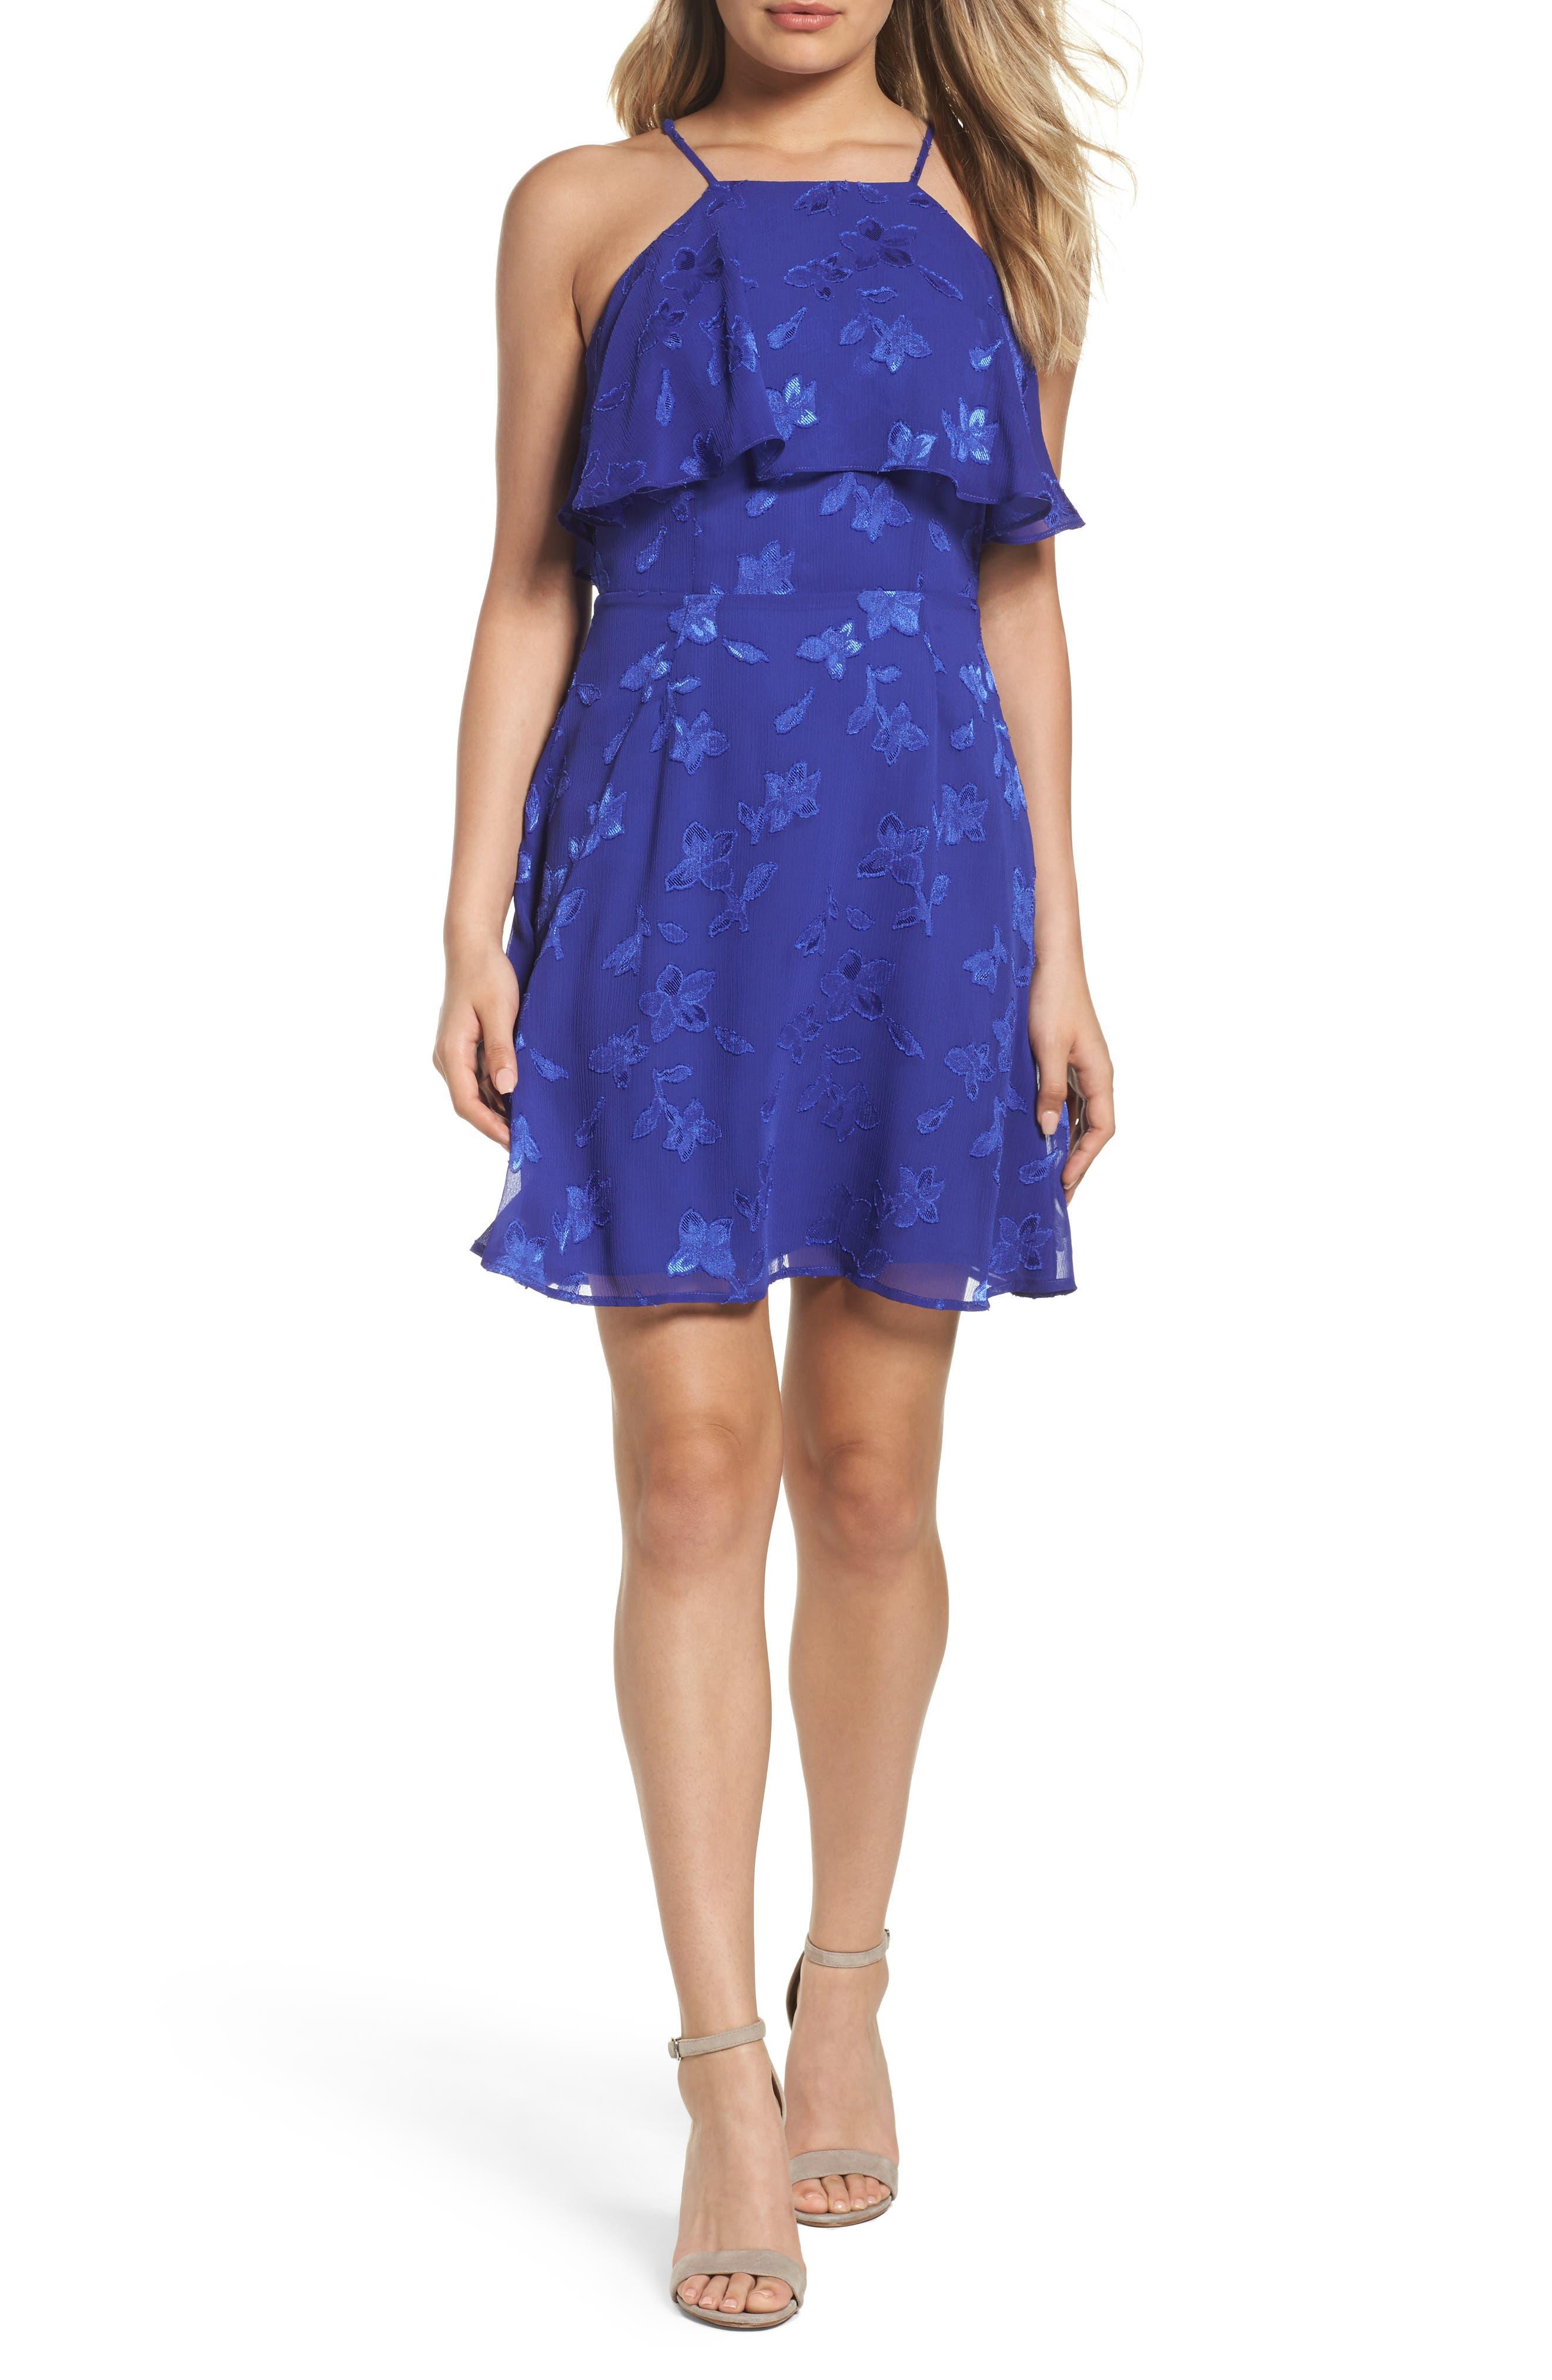 19 Cooper Jacquard Flower Popover Dress